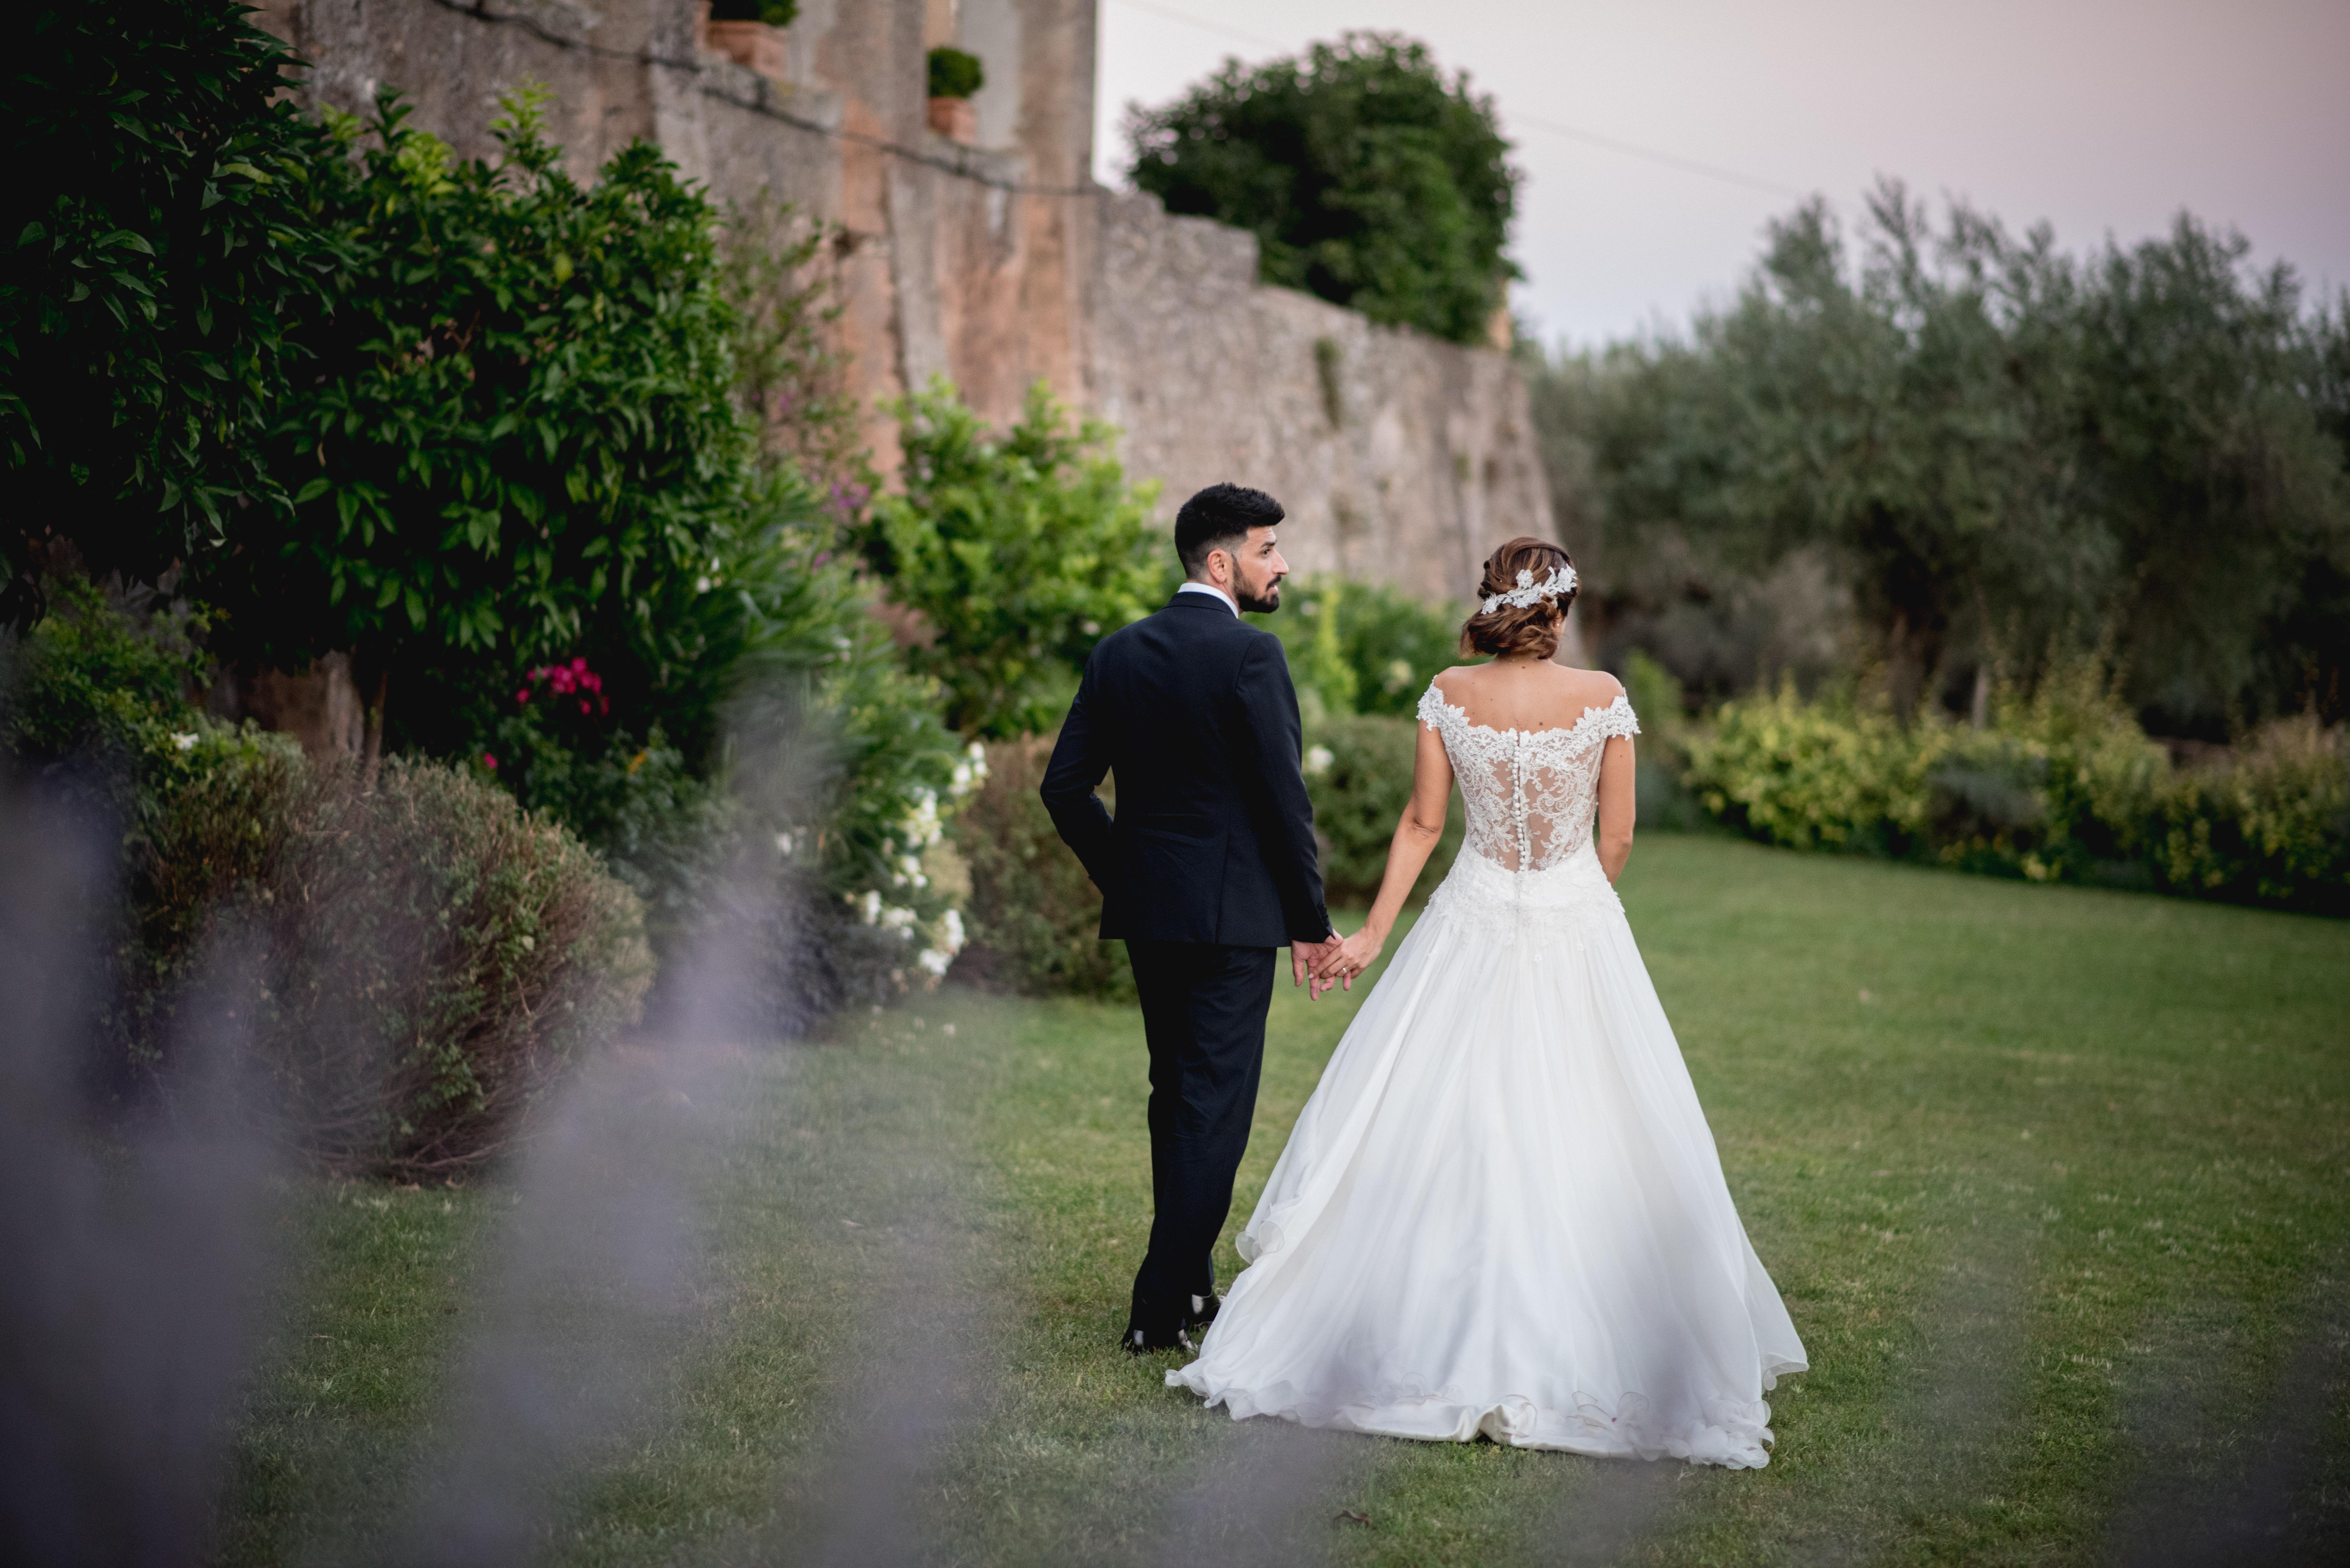 Matrimonio romantico: un Sì come nelle favole!